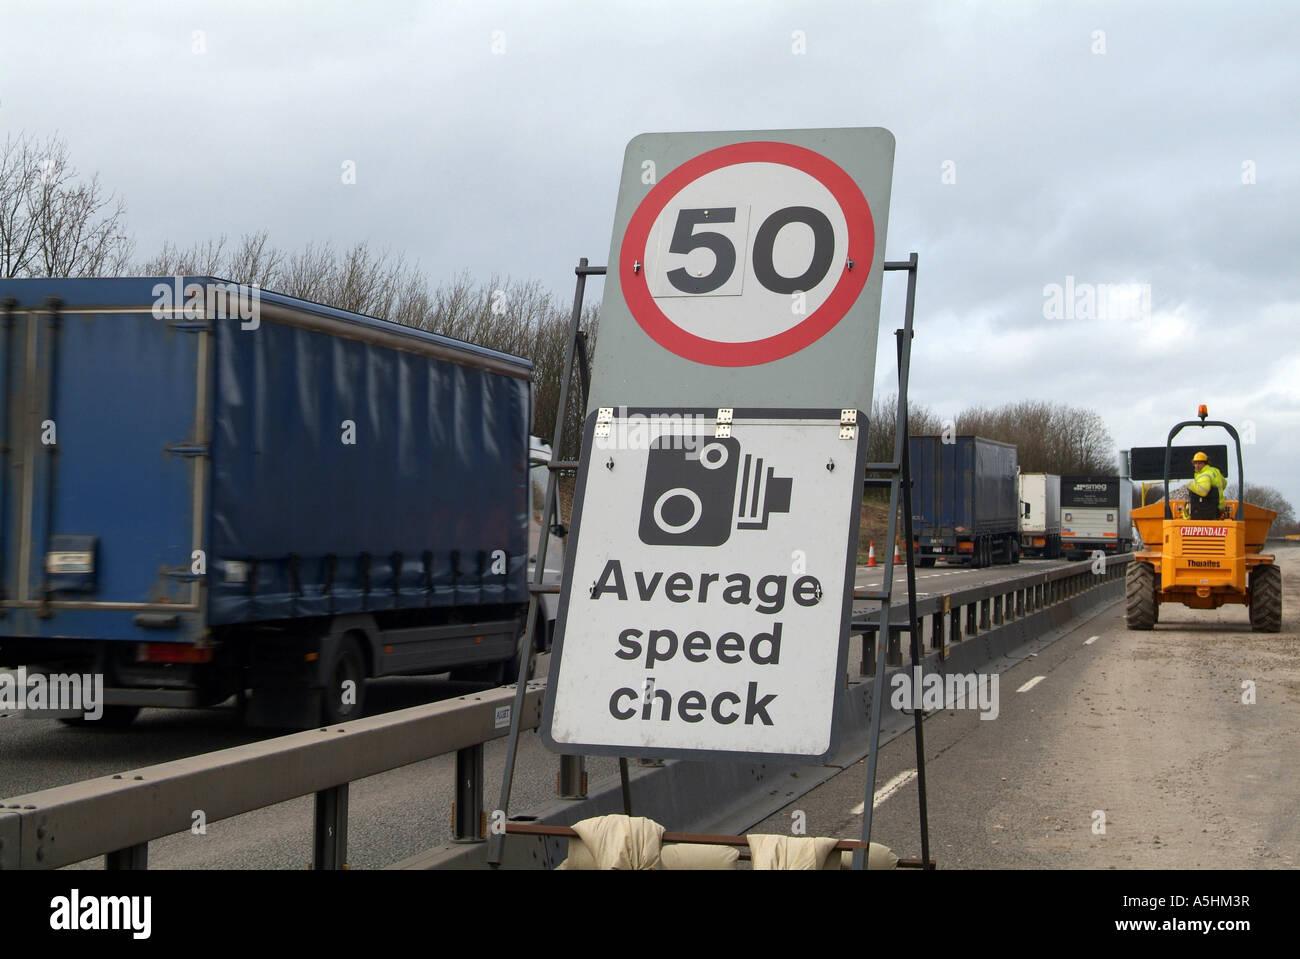 Average Speed camera warning sign, in roadworks, M1 Motorway, South Yorkshire, UK - Stock Image